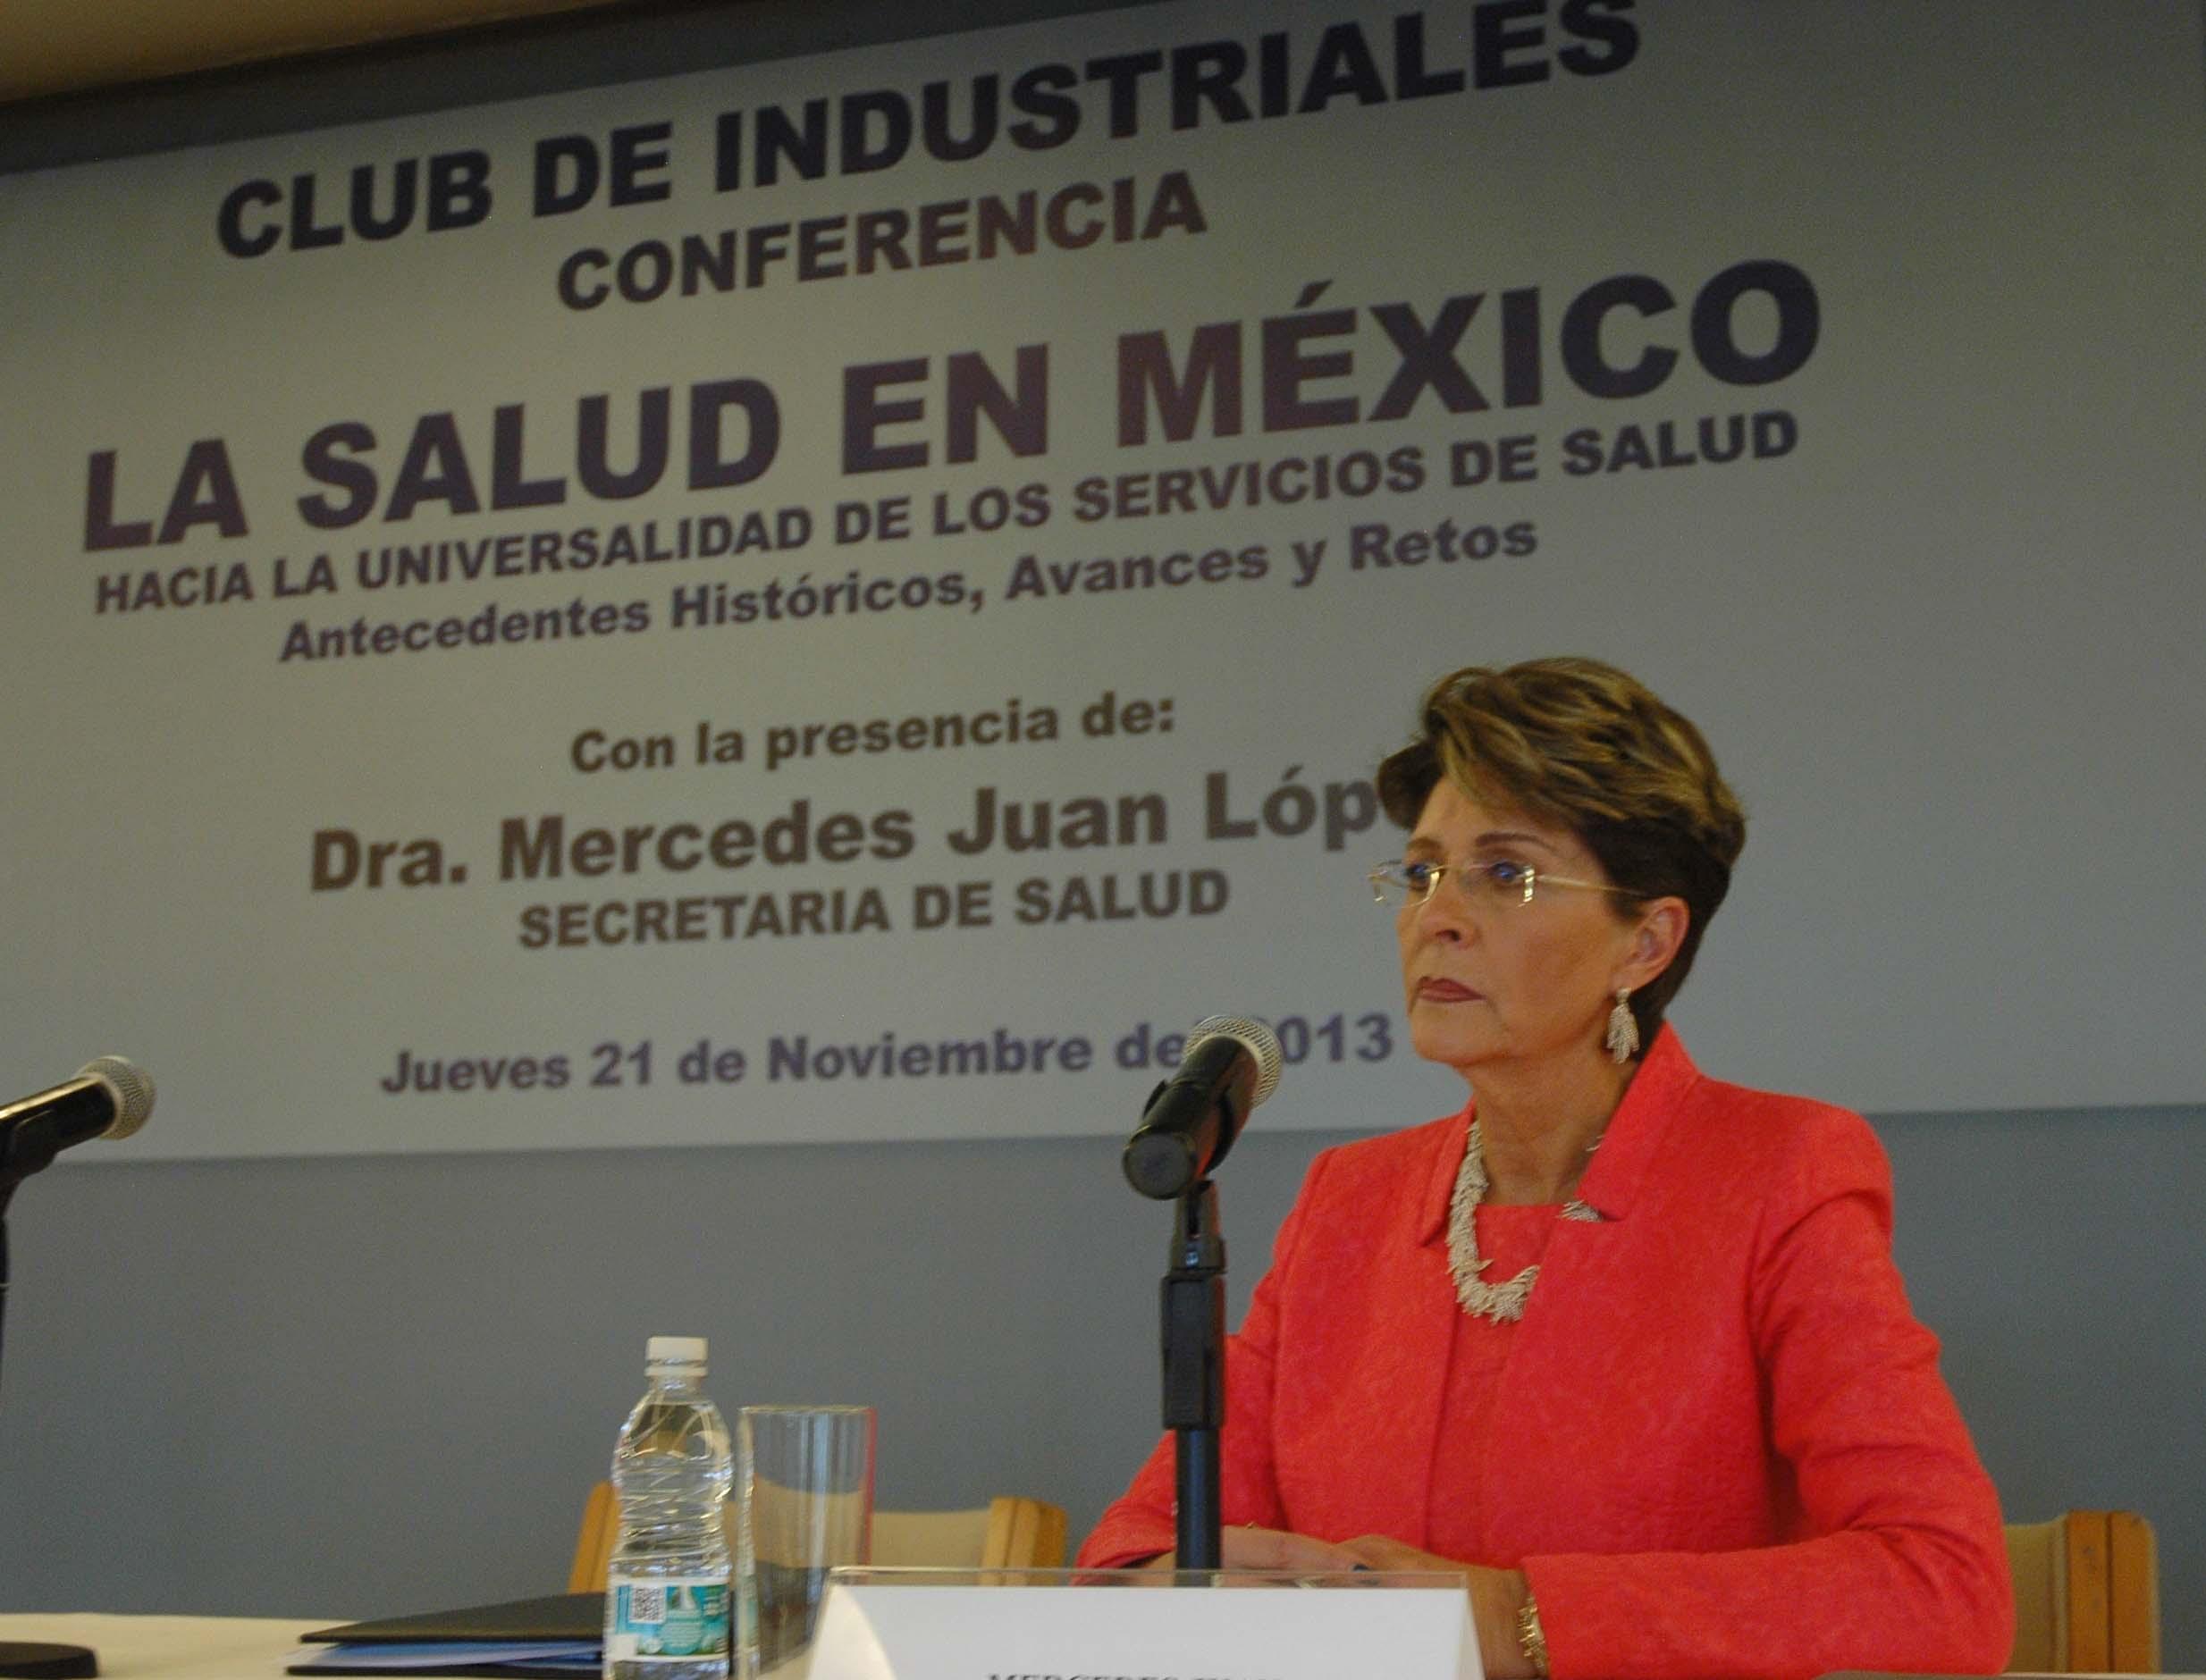 Conferencia magistral hacia la universalidad de los servicios de Salud